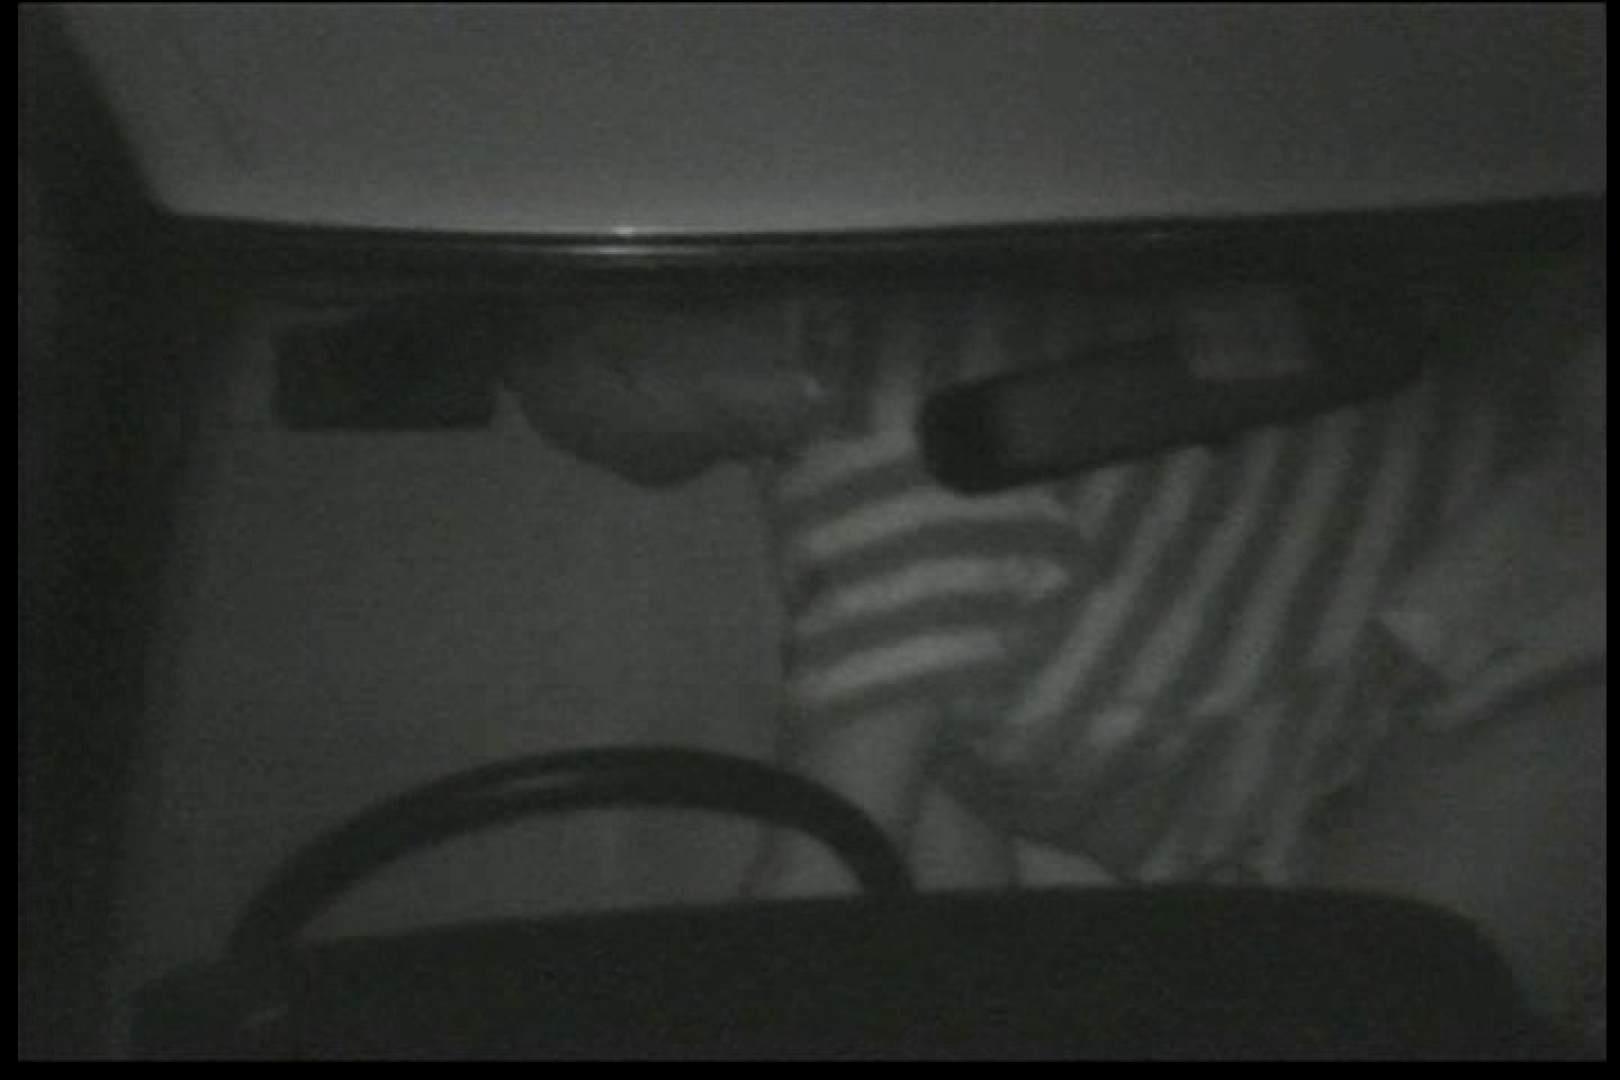 車の中はラブホテル 無修正版  Vol.12 車 AV動画キャプチャ 87pic 60